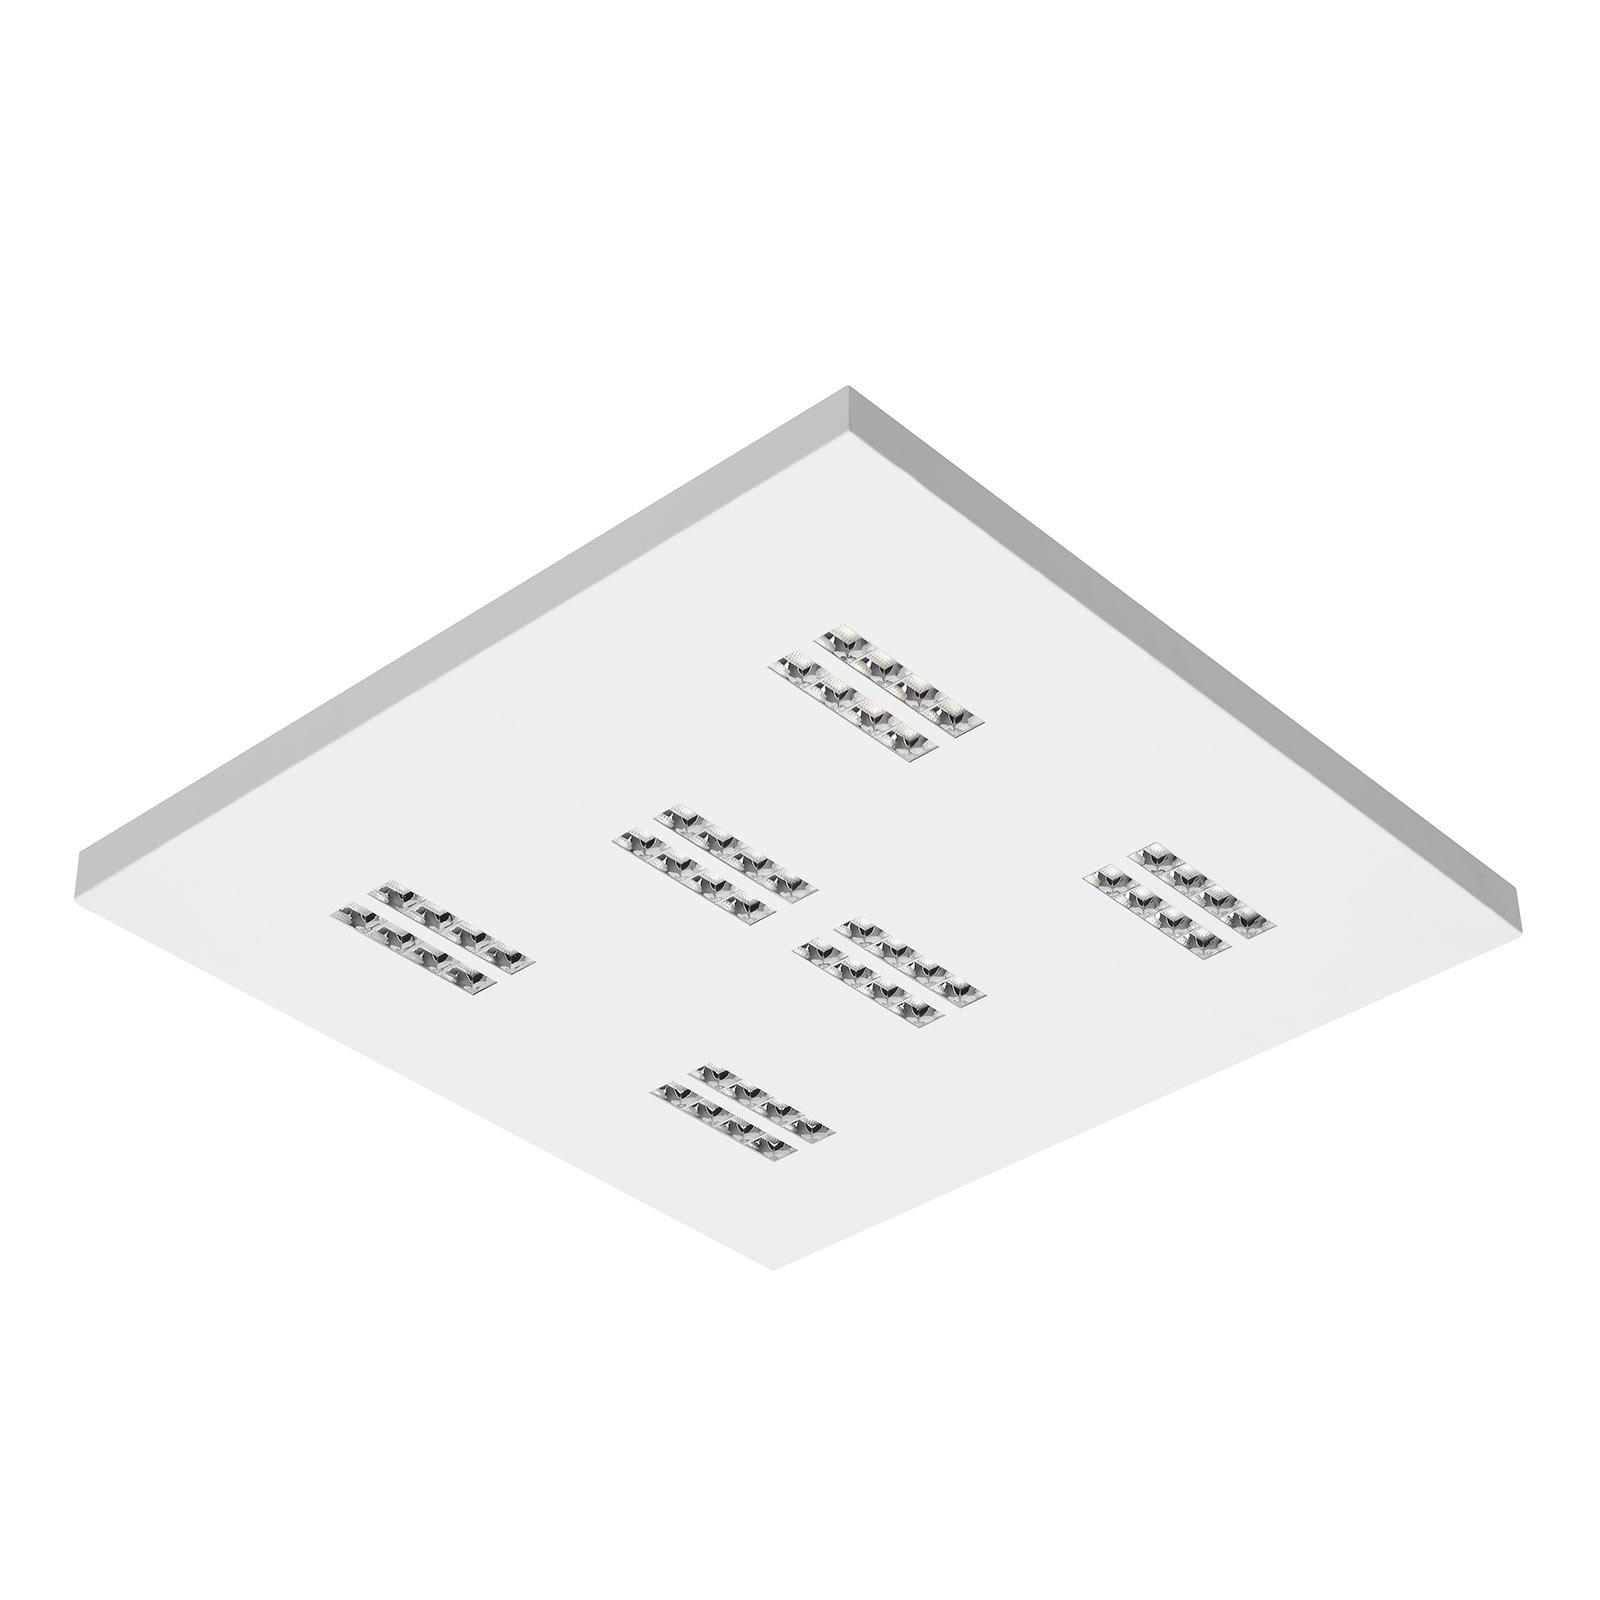 Taklampe Declan II Surfaced Fix 4 000 K 60x60